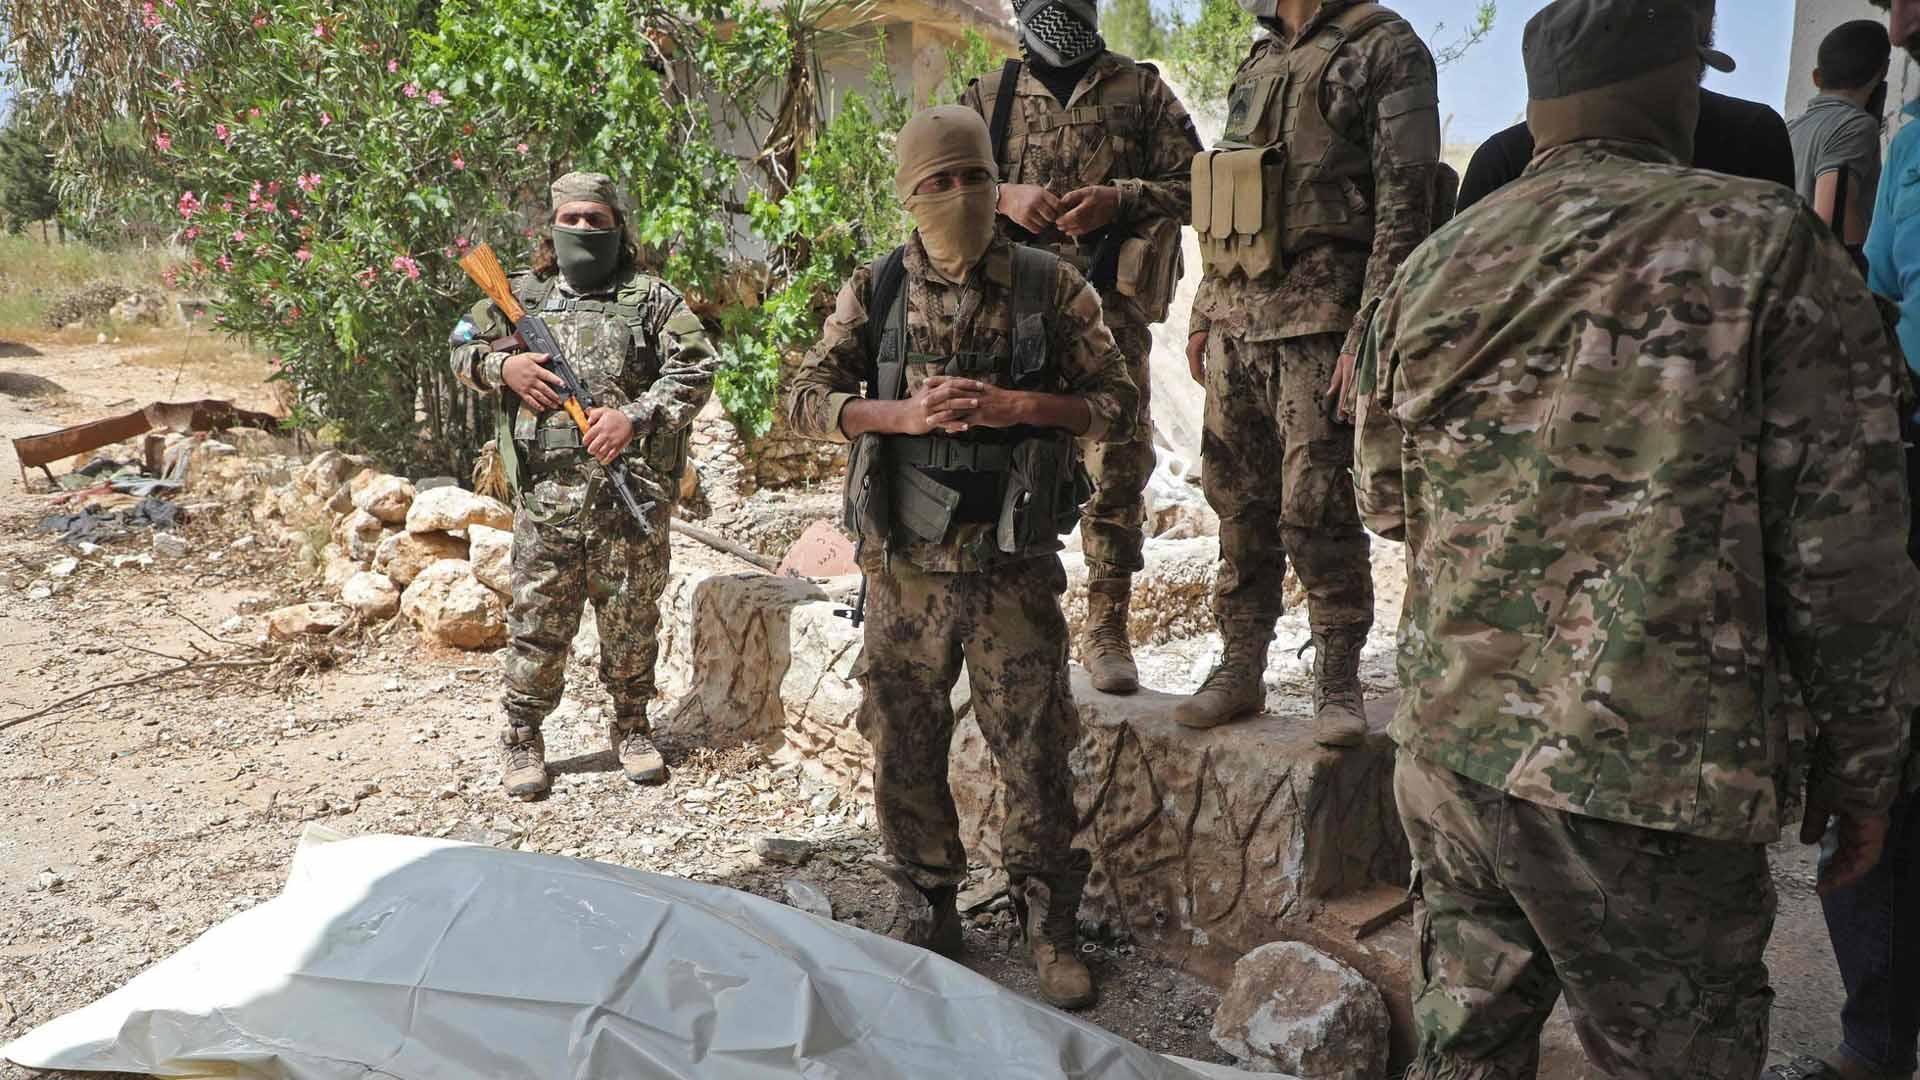 هيئة تحرير الشام ليست القاعدة، لكنها ما تزال نظامًا استبداديًا لا يُستهان به